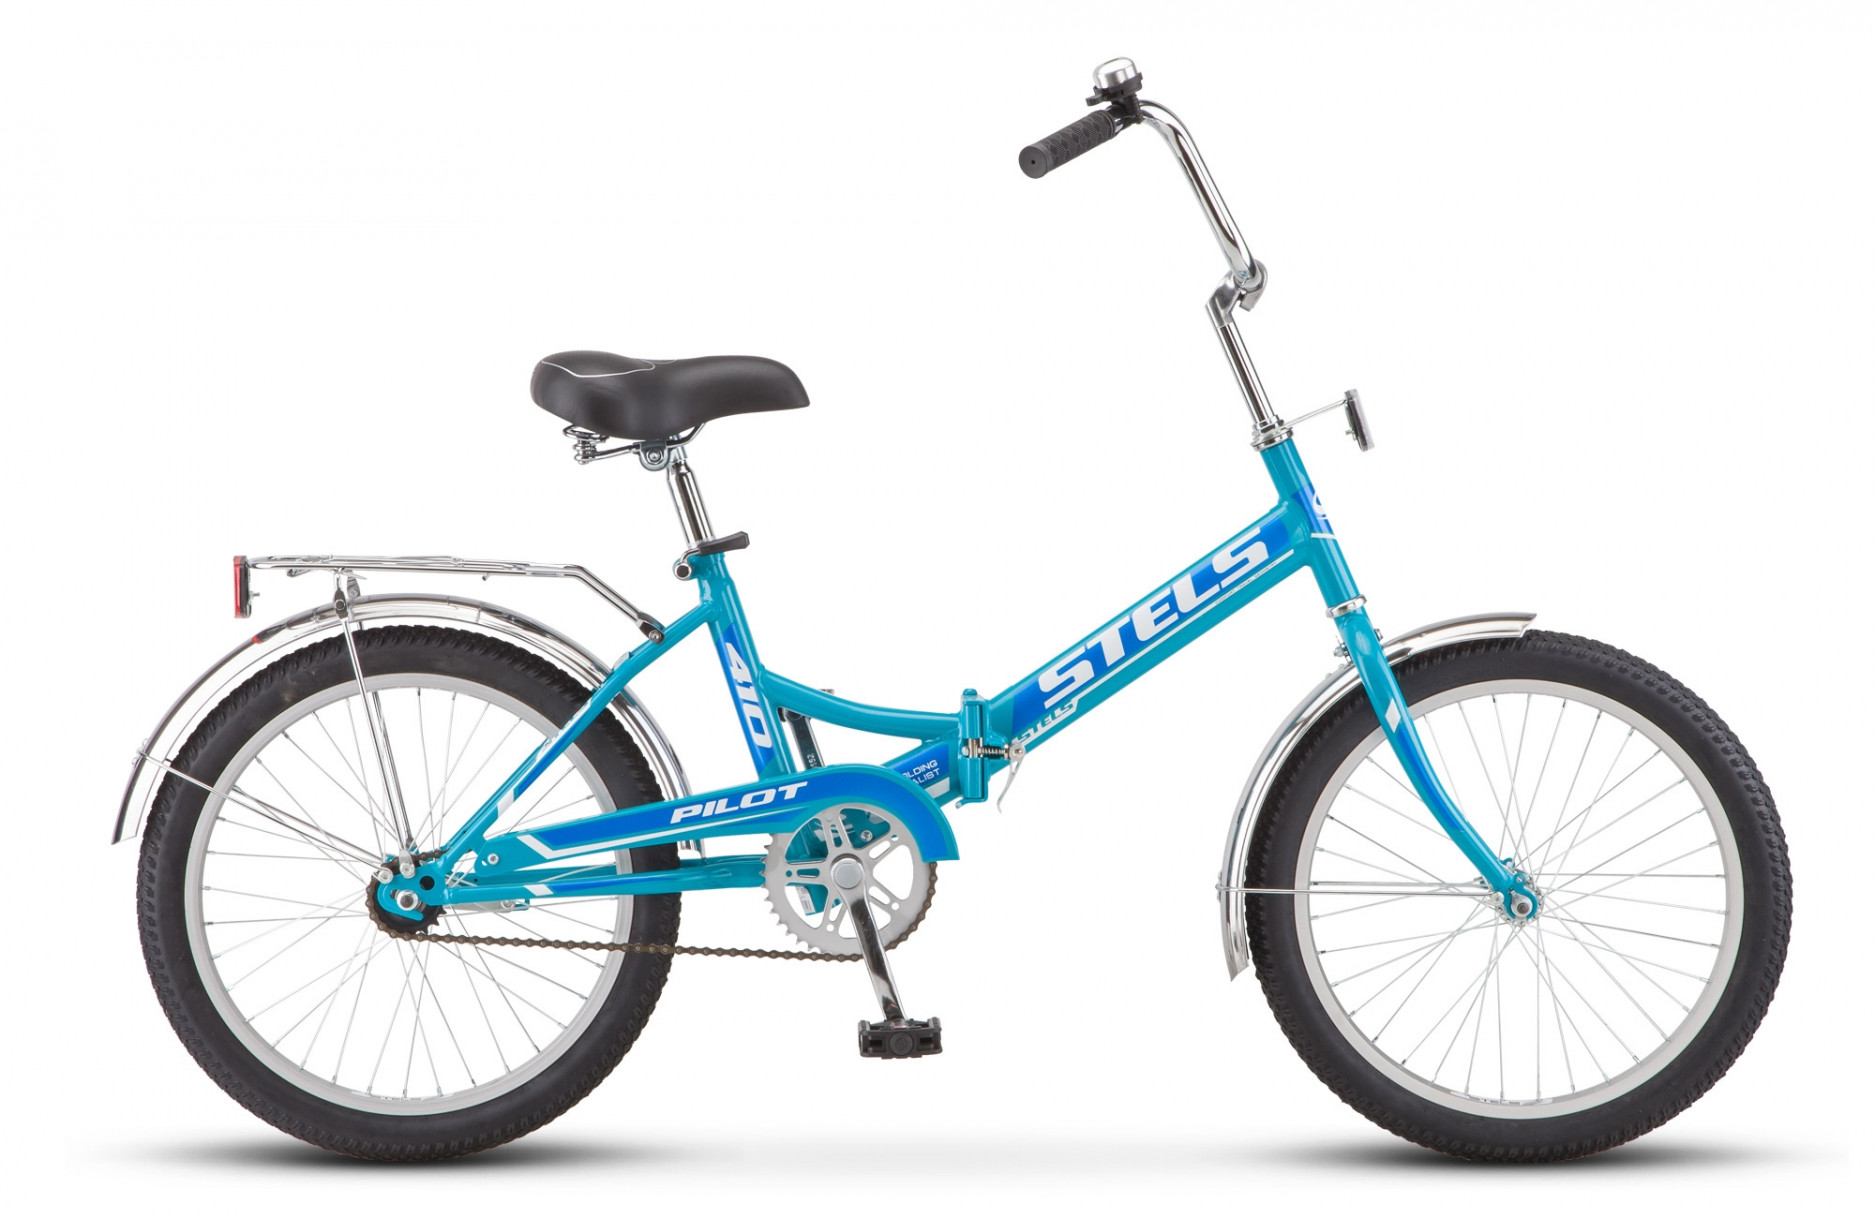 Складной велосипед Stels Pilot-410 2018 Z011 бирюзовый/синий